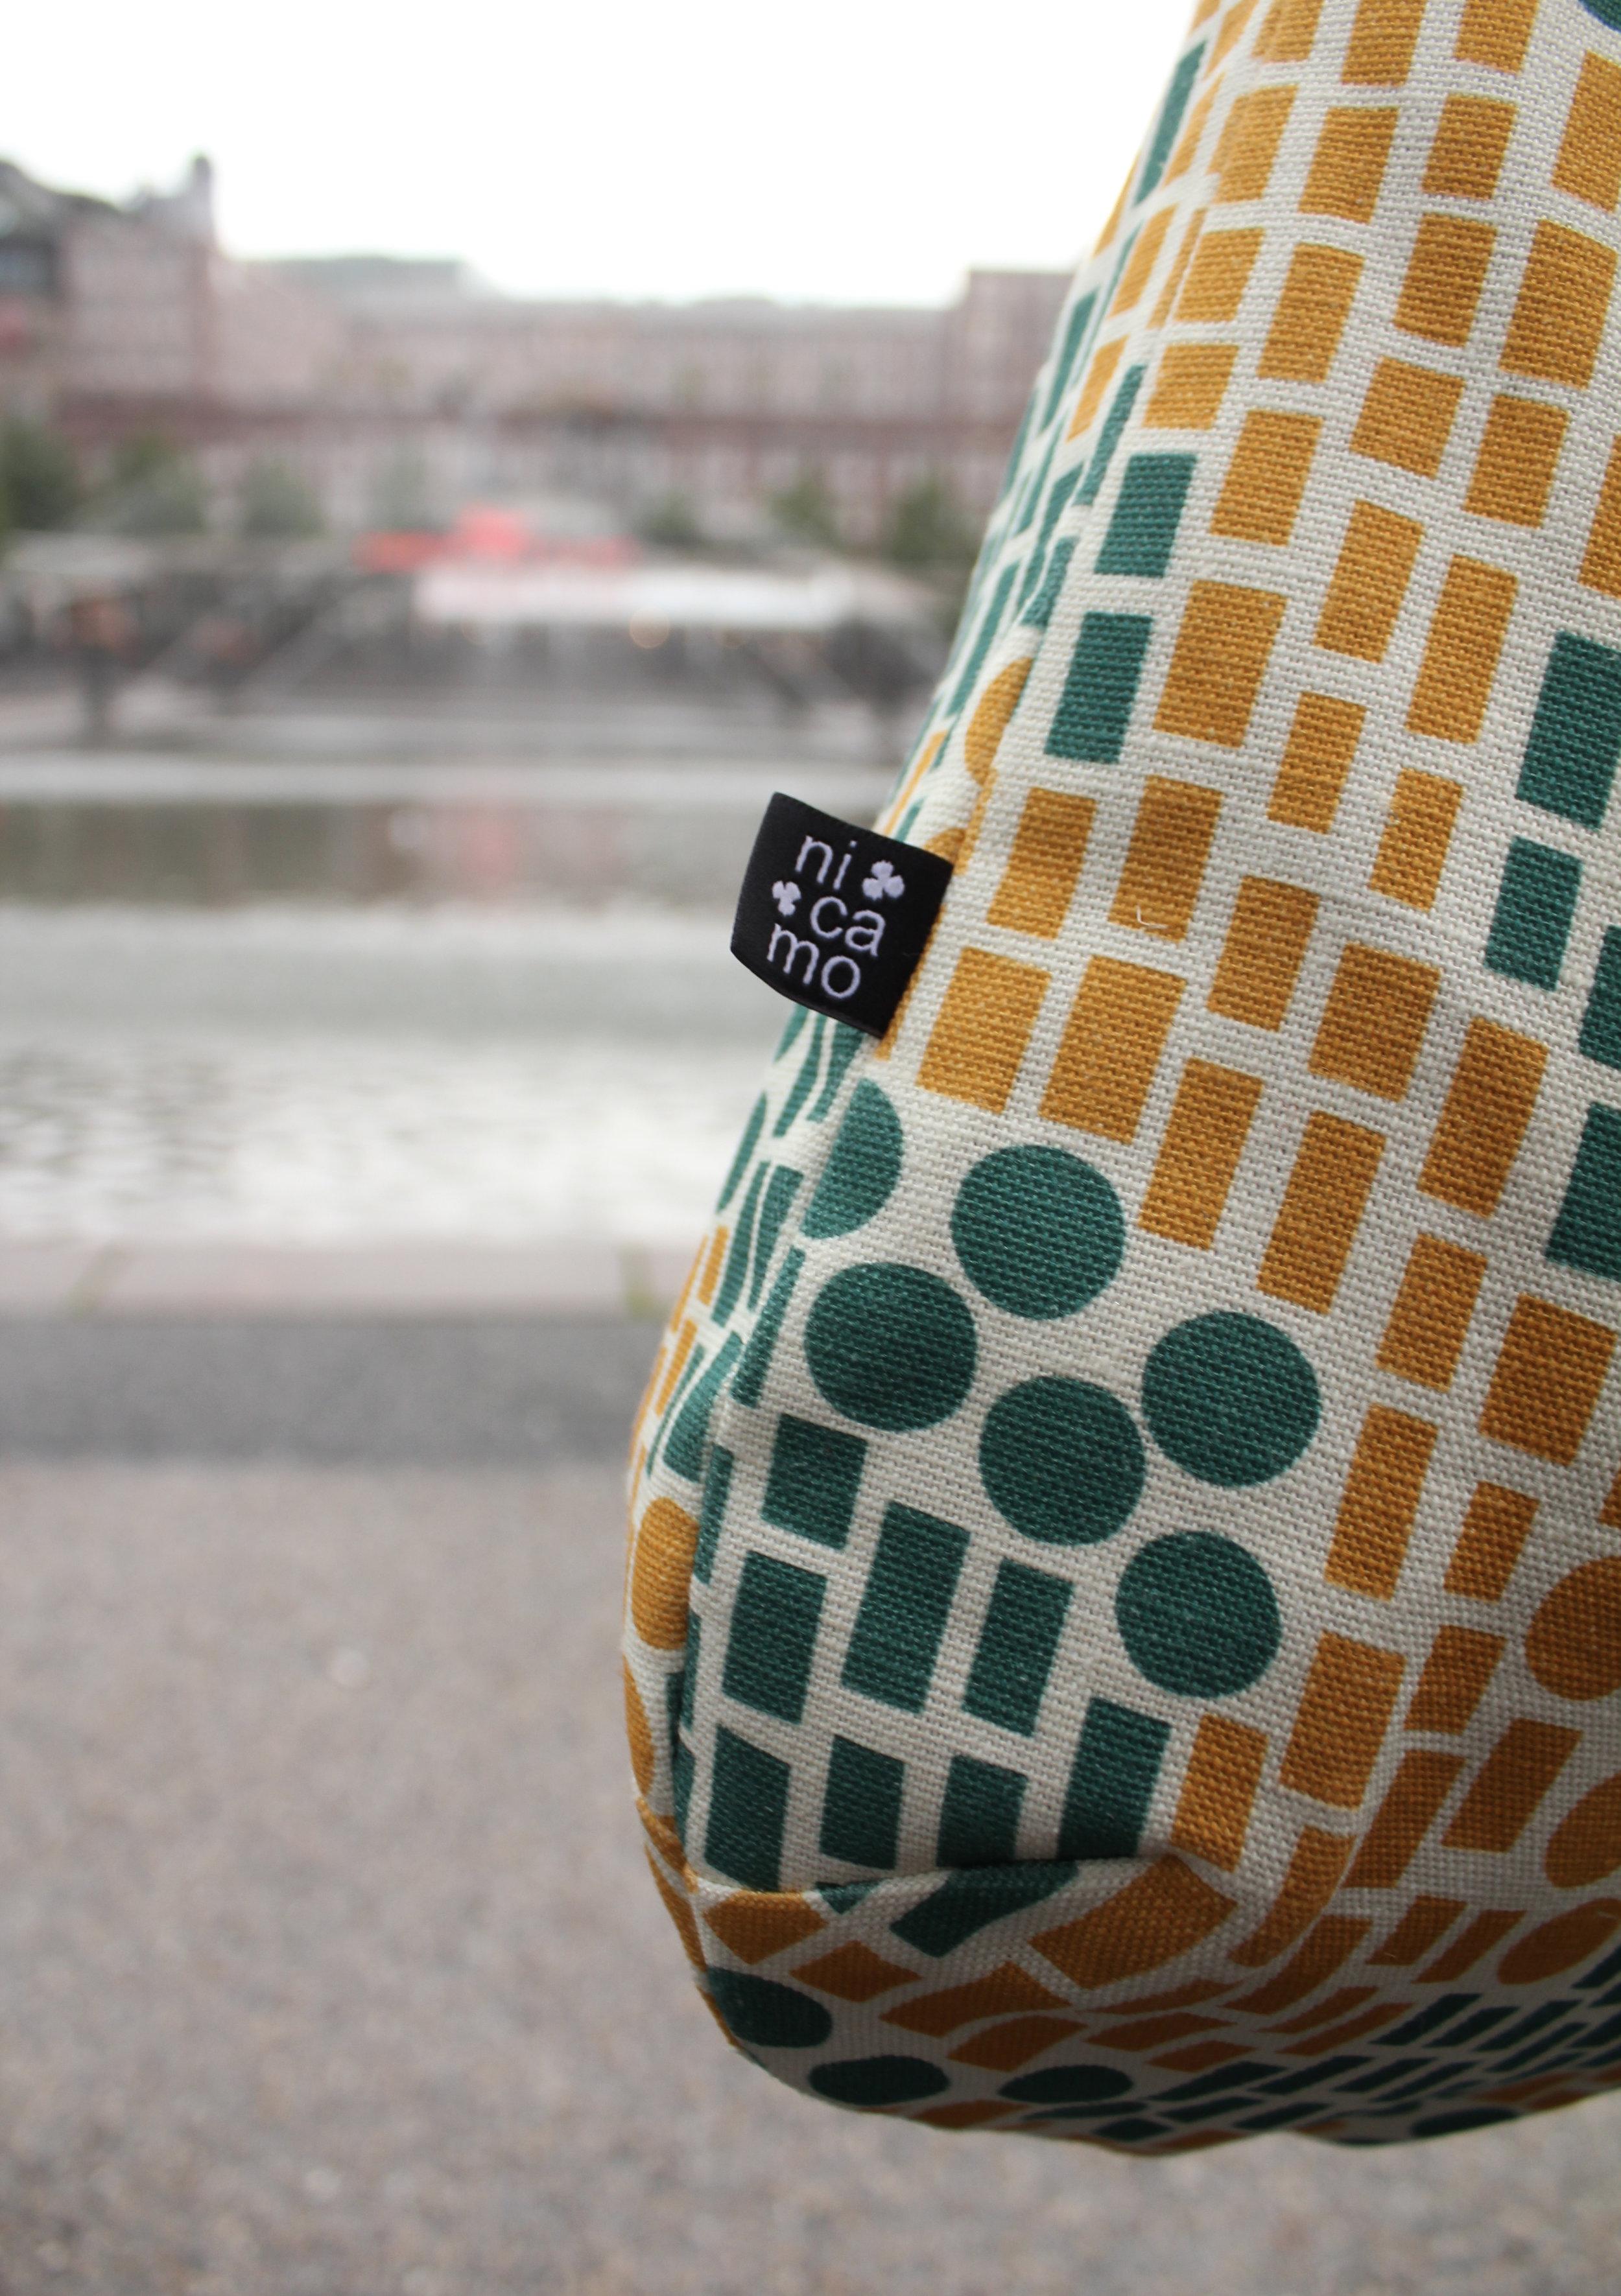 Stockholm bag  - Nicoma